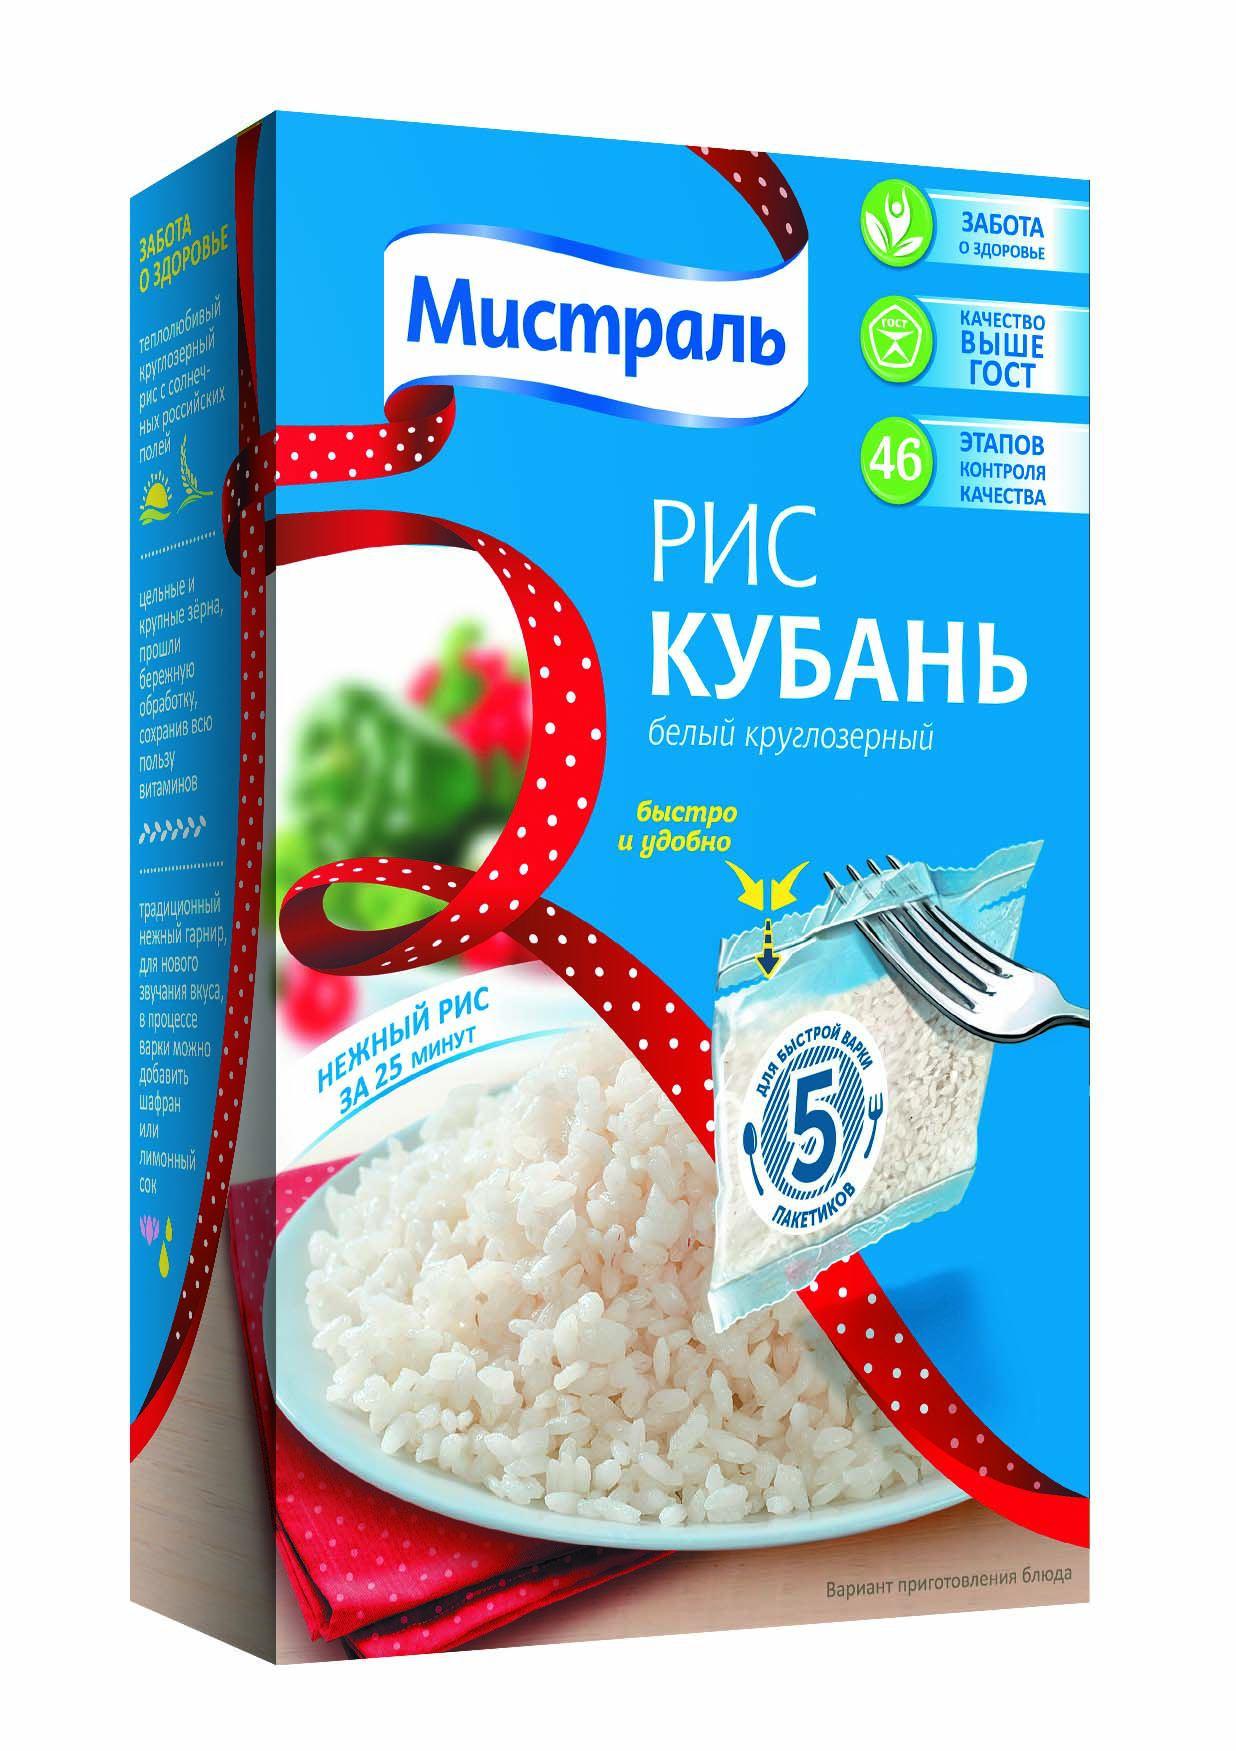 Мистраль Рис Кубань Мистраль 0.4 кг. мистраль рис жасмин мистраль 0 4 кг